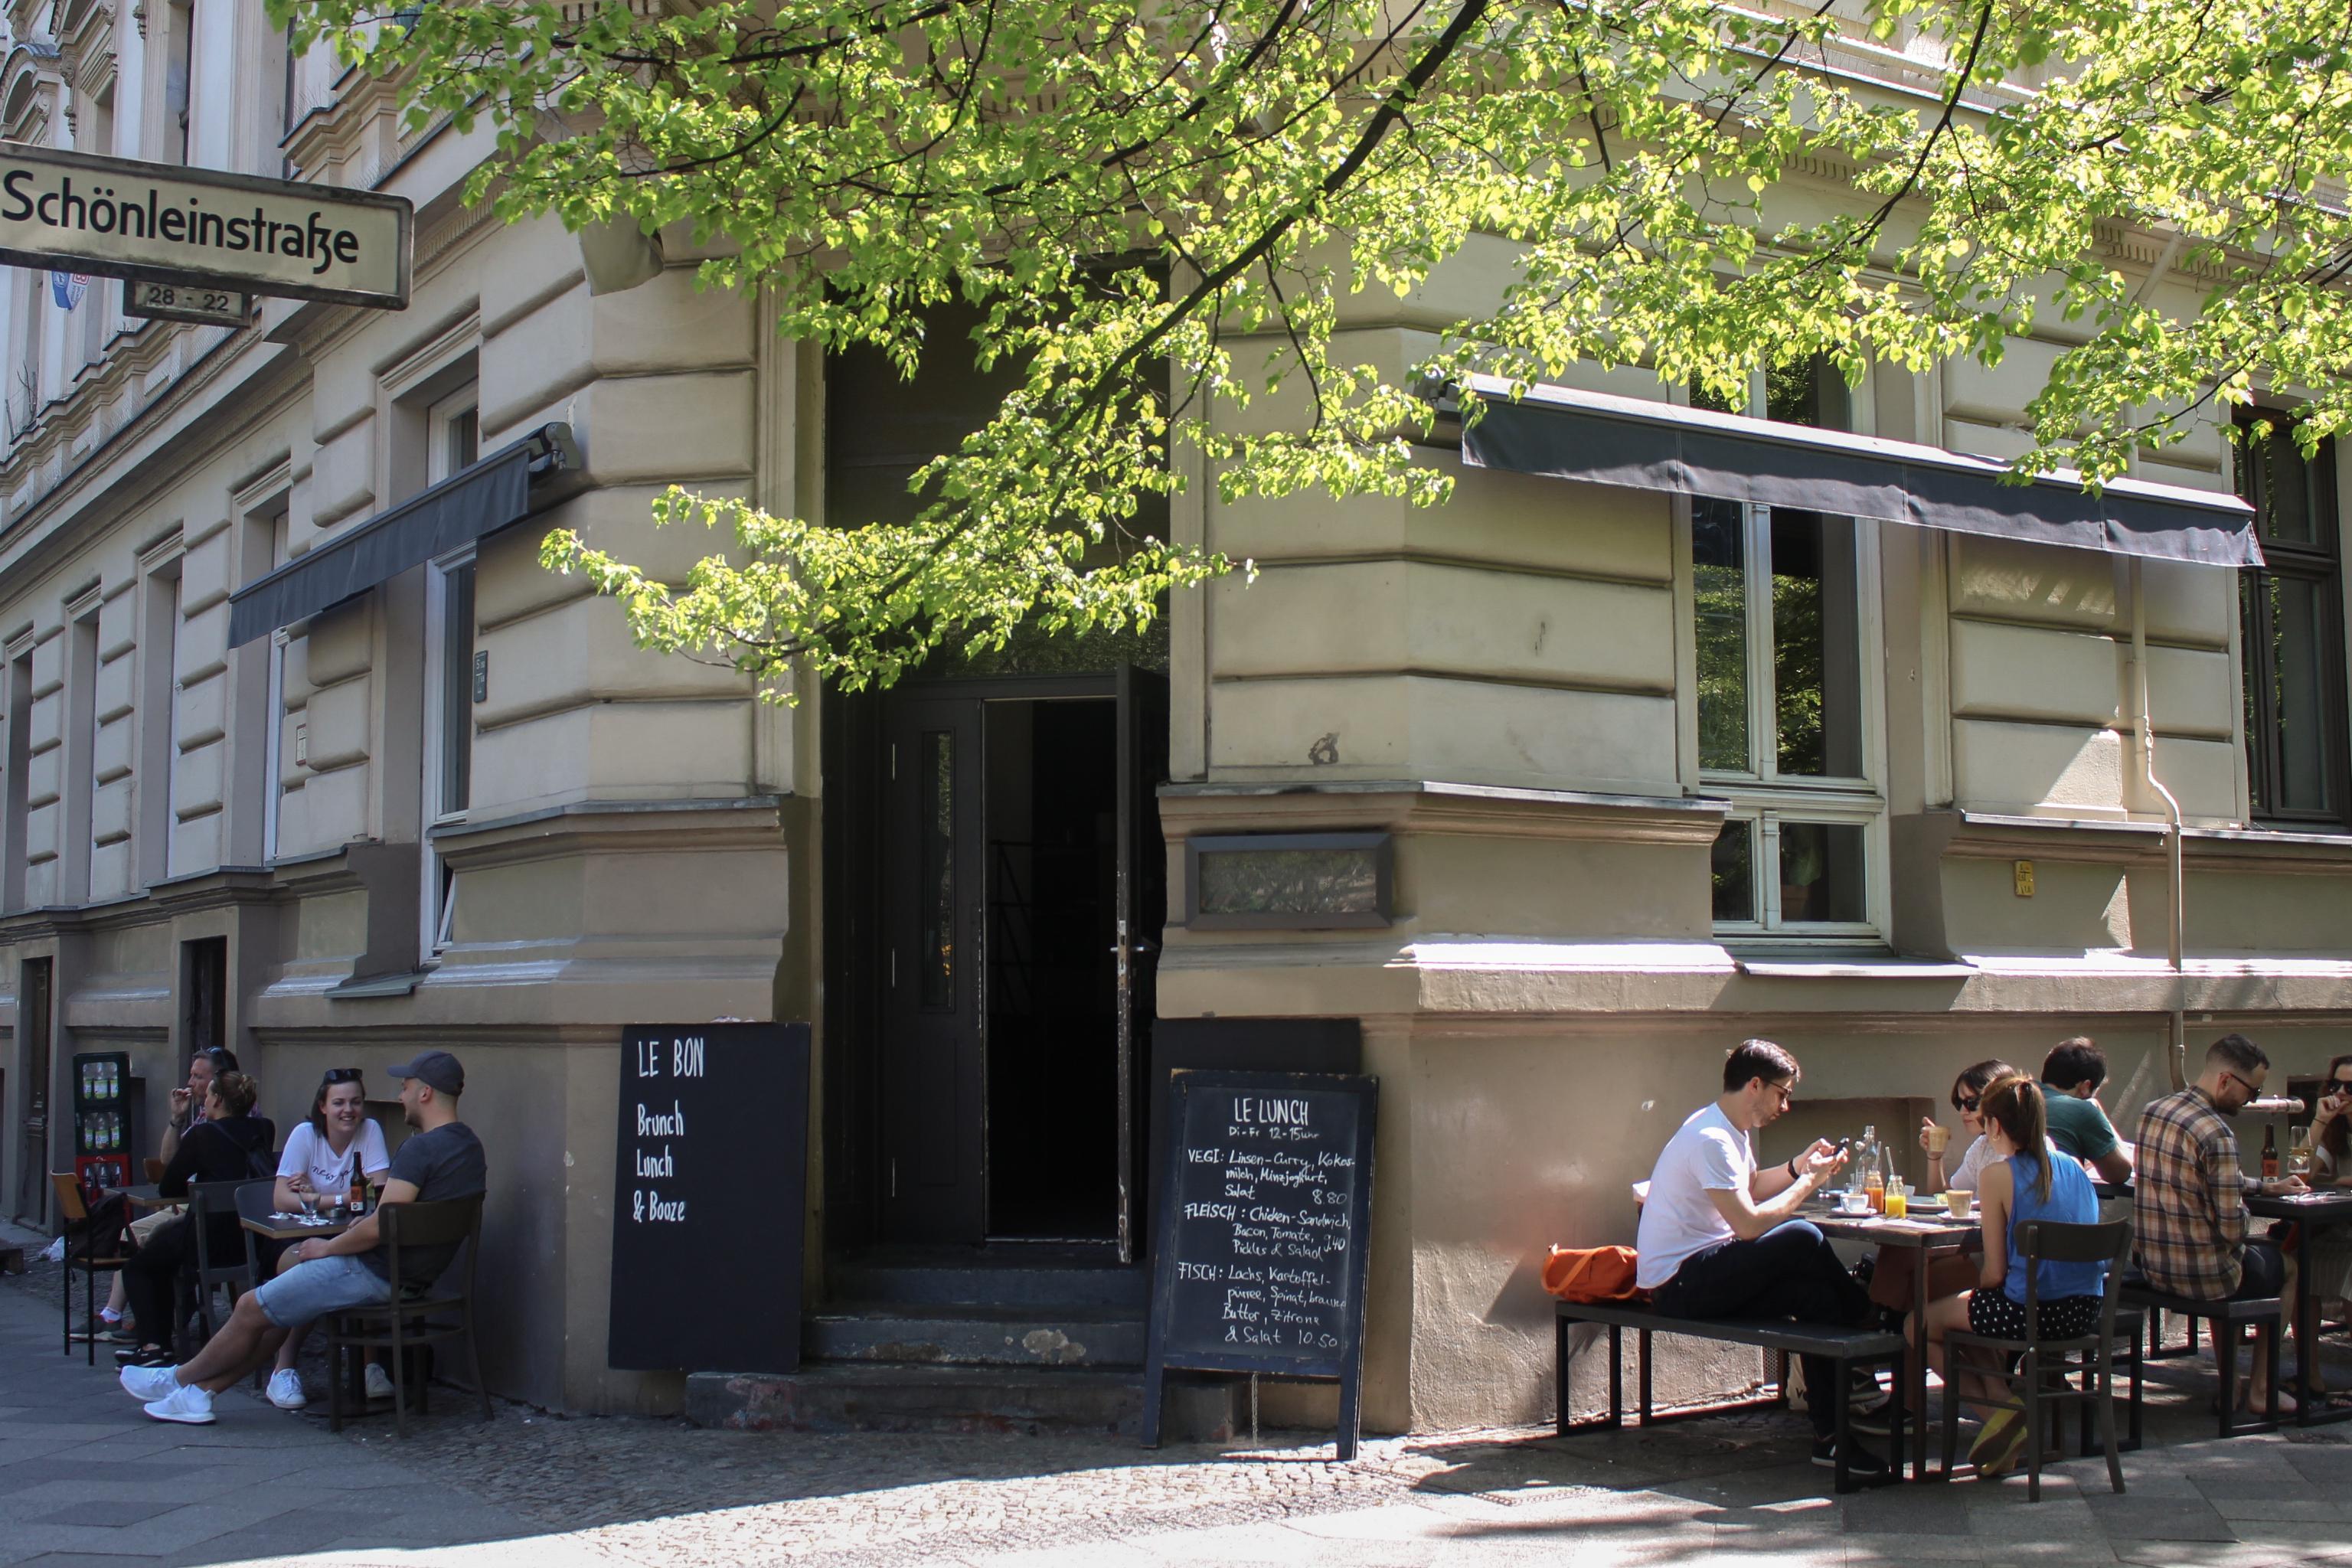 Ein Tag in Kreuzberg: Der Graefekiez Guide